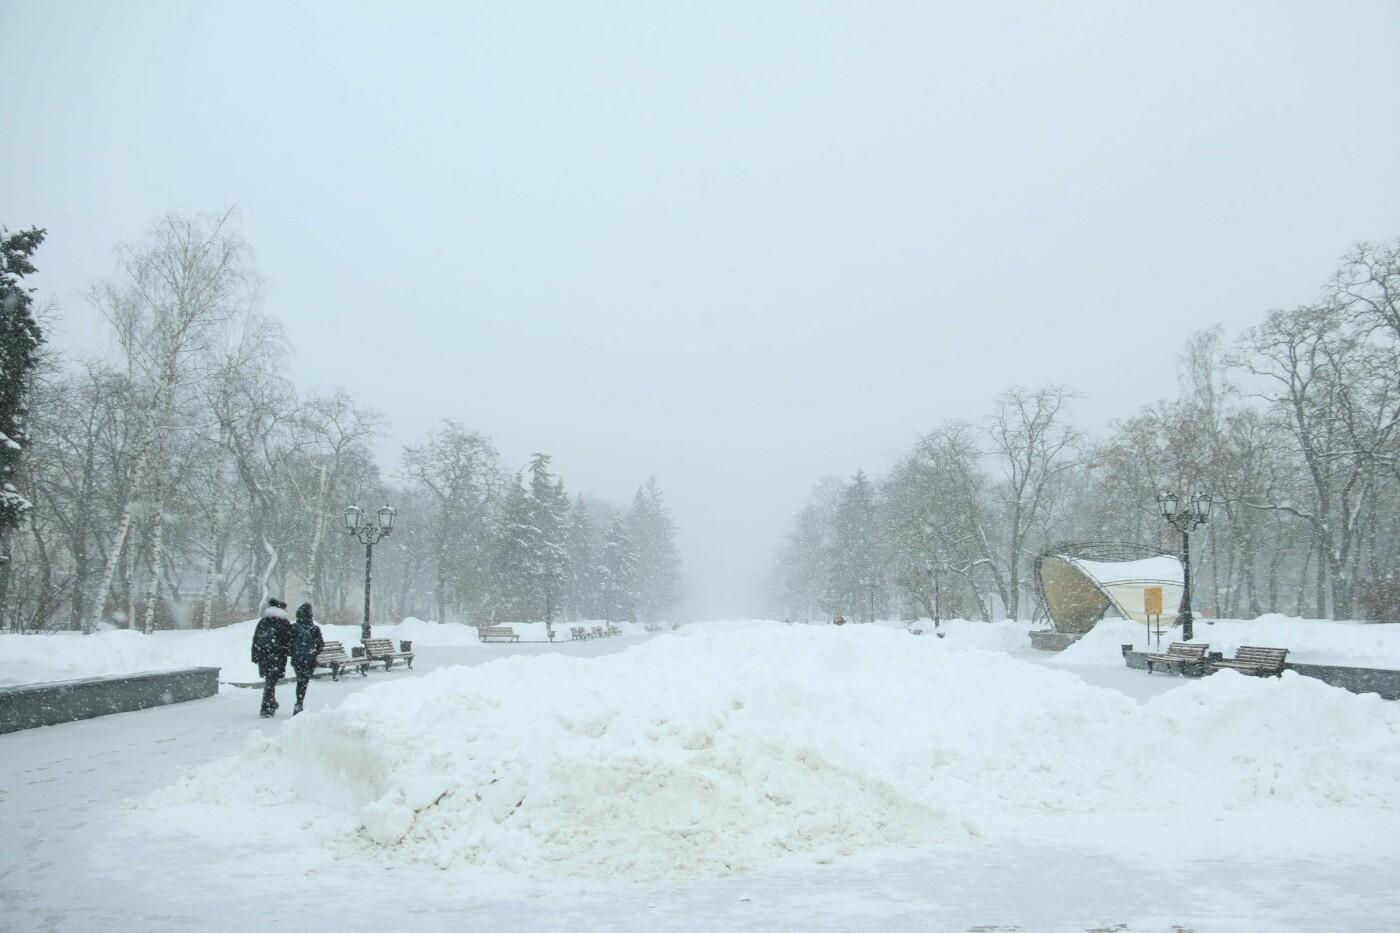 Замело: чи довго сніг лежатиме на вулицях Чернігова?, фото-3